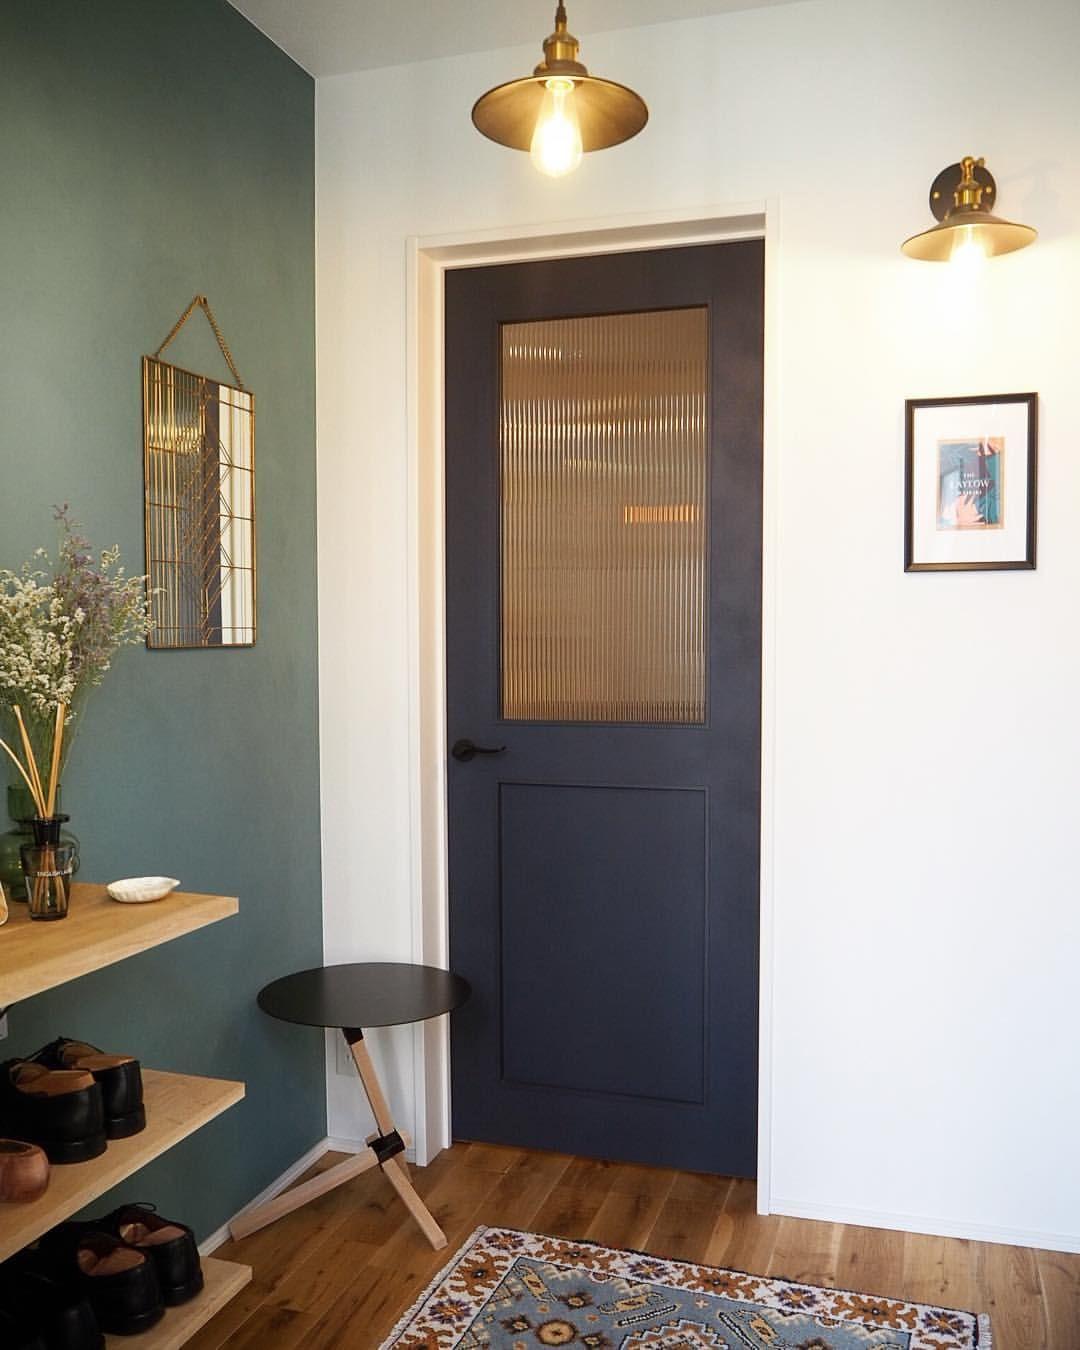 いいね 1 212件 コメント16件 Myhome Lifestyle Atsuko 真鍮表札さん Ma Home0211 のinstagramアカウント 玄関から見たリビングドア リビングドアは リクシル の ヴィンティア のネイビー ブラケット おしゃれ ドア リビングドア リビング ドア 引き戸